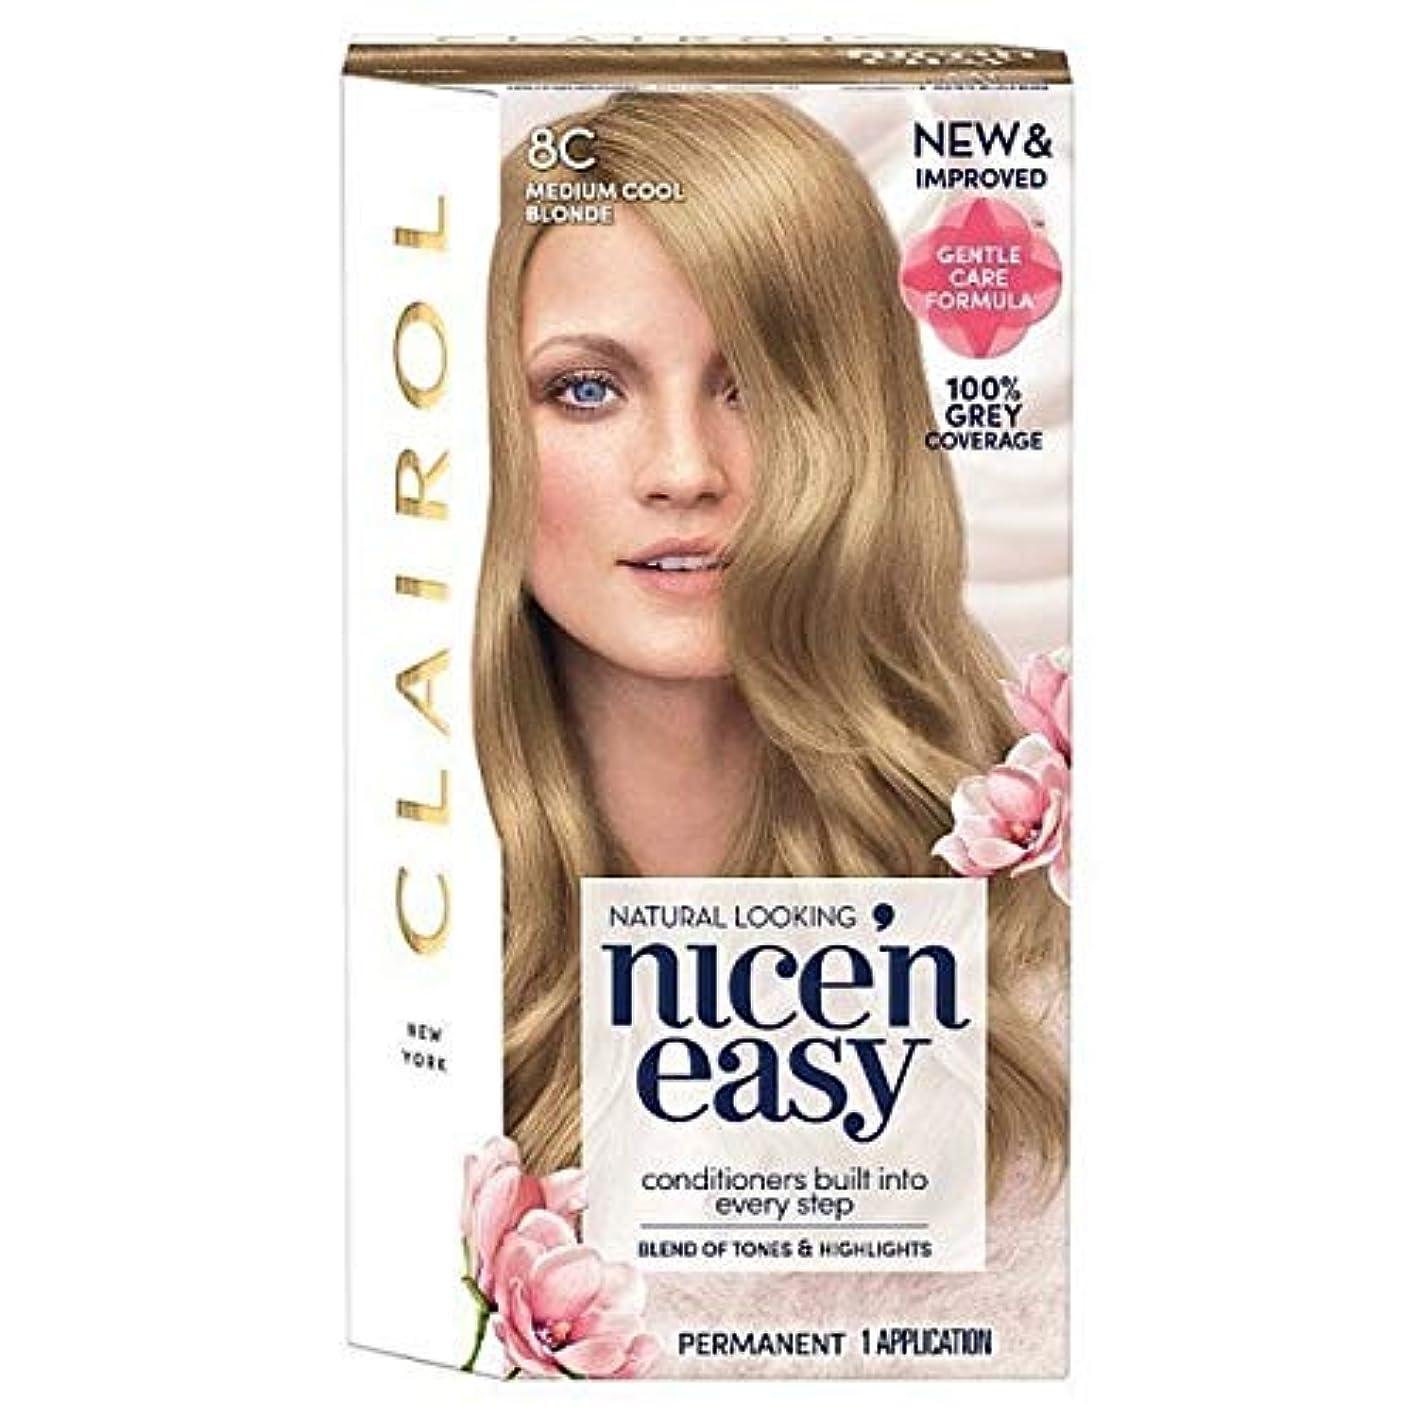 グリース懲戒合併[Nice'n Easy] Nice'N簡単8Cの媒体クールなブロンド - Nice'n Easy 8C Medium Cool Blonde [並行輸入品]